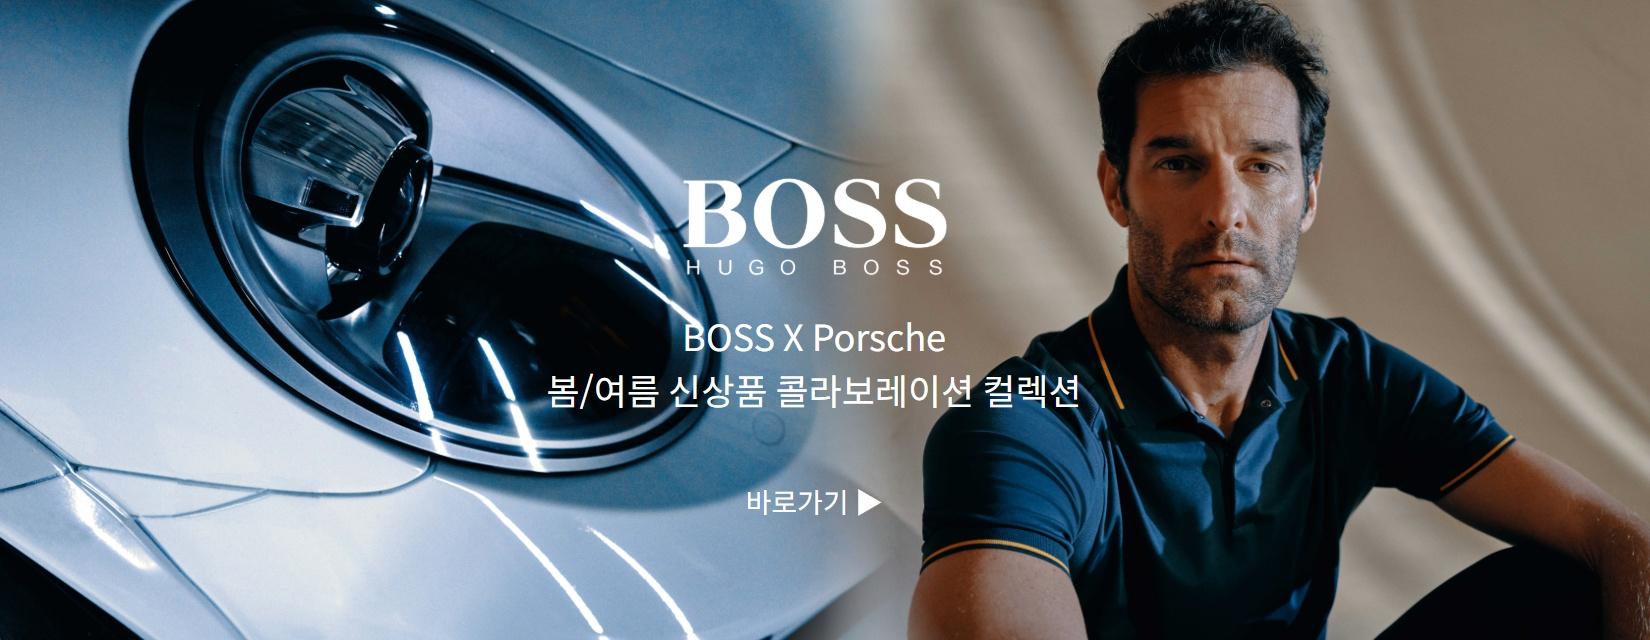 BOSS X Porsche